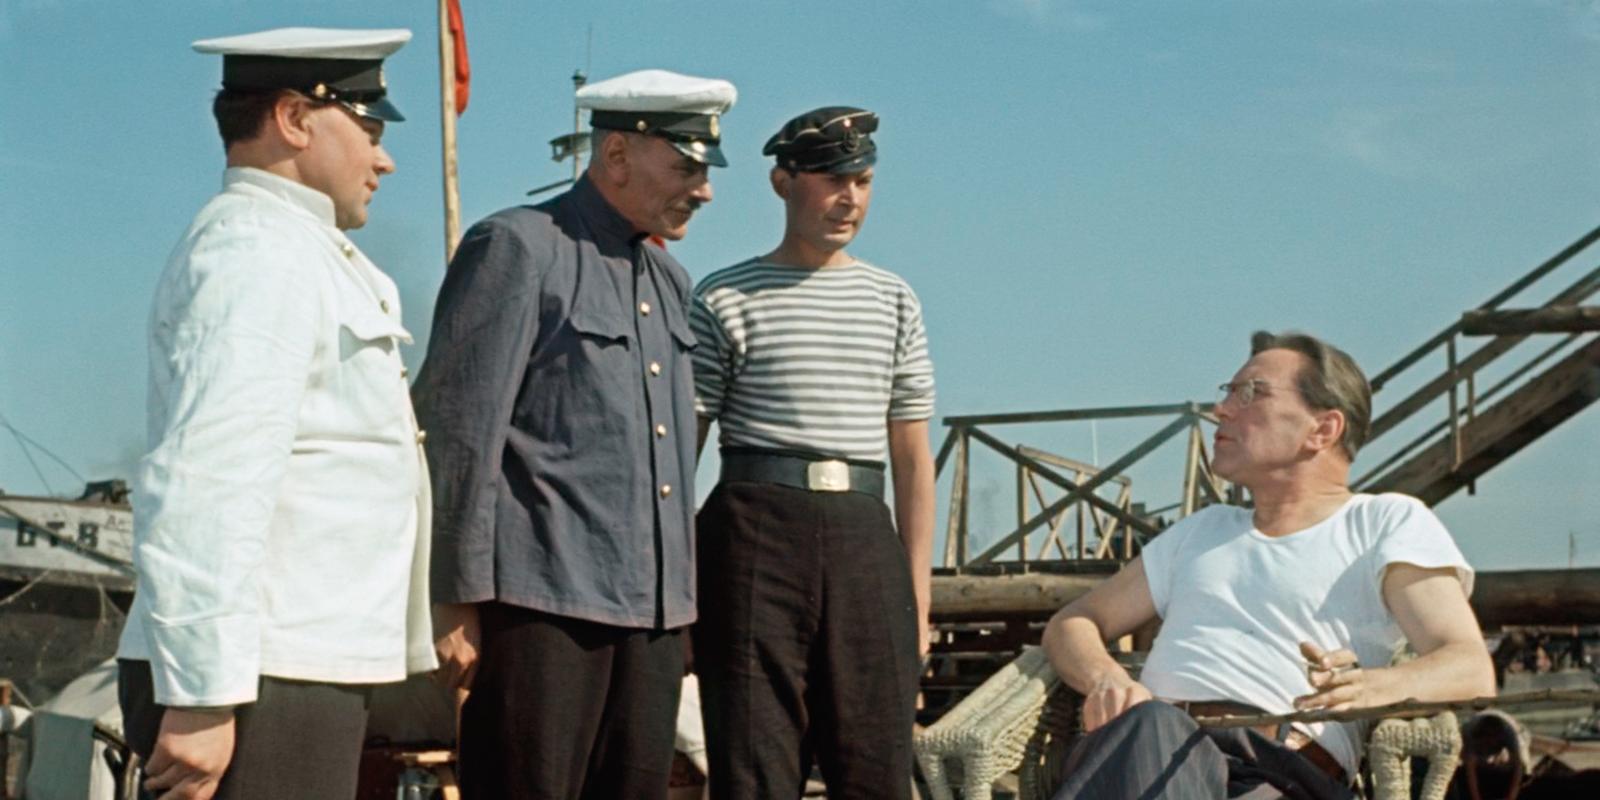 Кадр из фильма «Верные друзья». Режиссер Михаил Калатозов. 1954 год